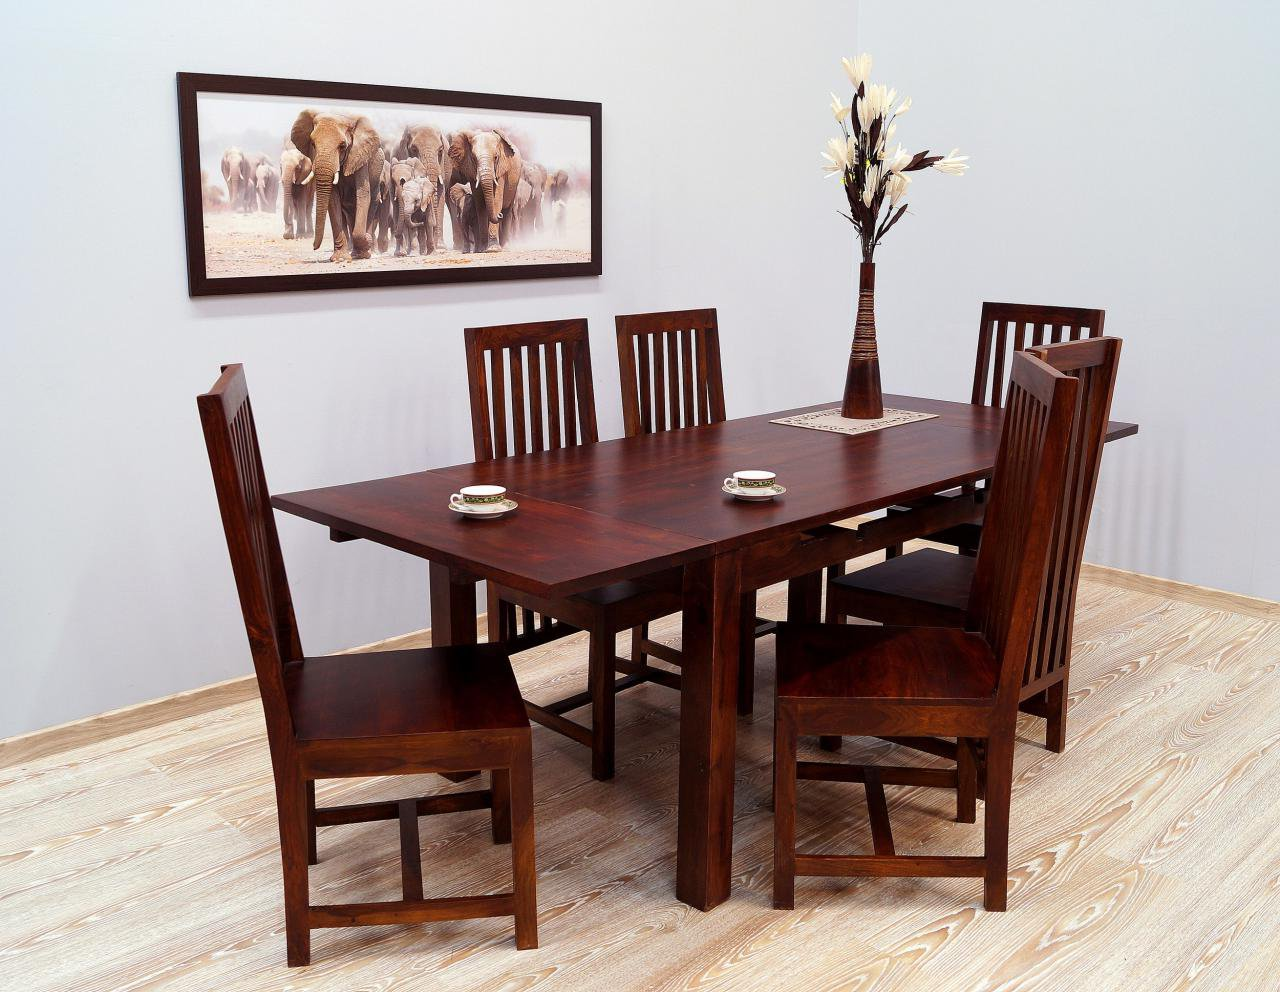 Komplet obiadowy kolonialny stół rozkładany + 6 krzeseł lite drewno palisander indyjski wysokie oparcia